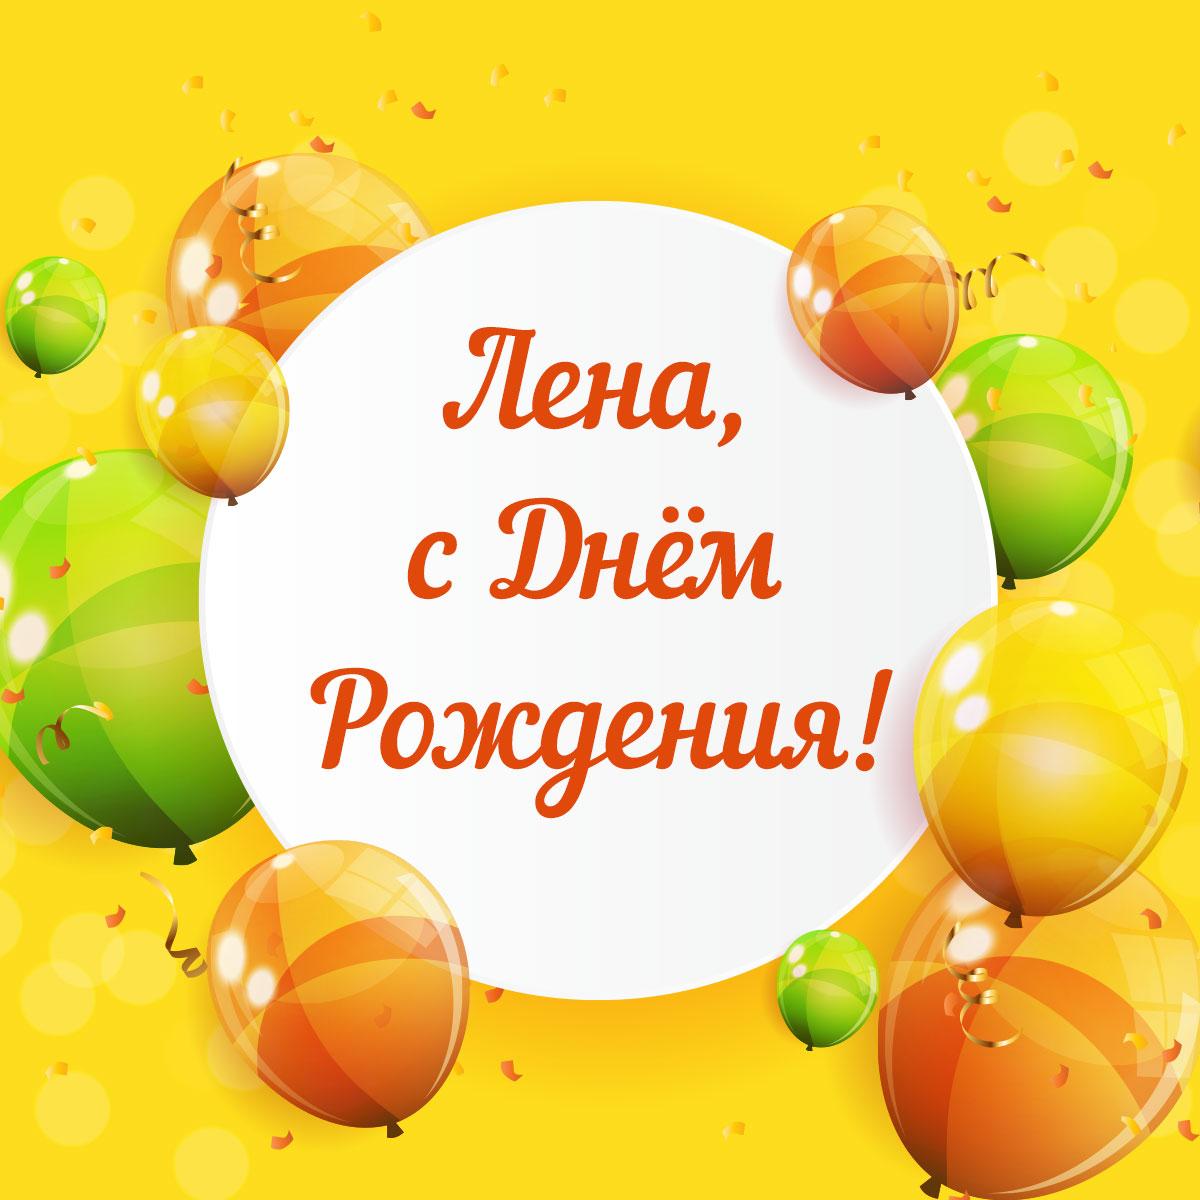 Картинка с текстом в белом круге - поздравительная открытка с днем рождения лена с оранжевыми воздушными шарами на жёлтом фоне.